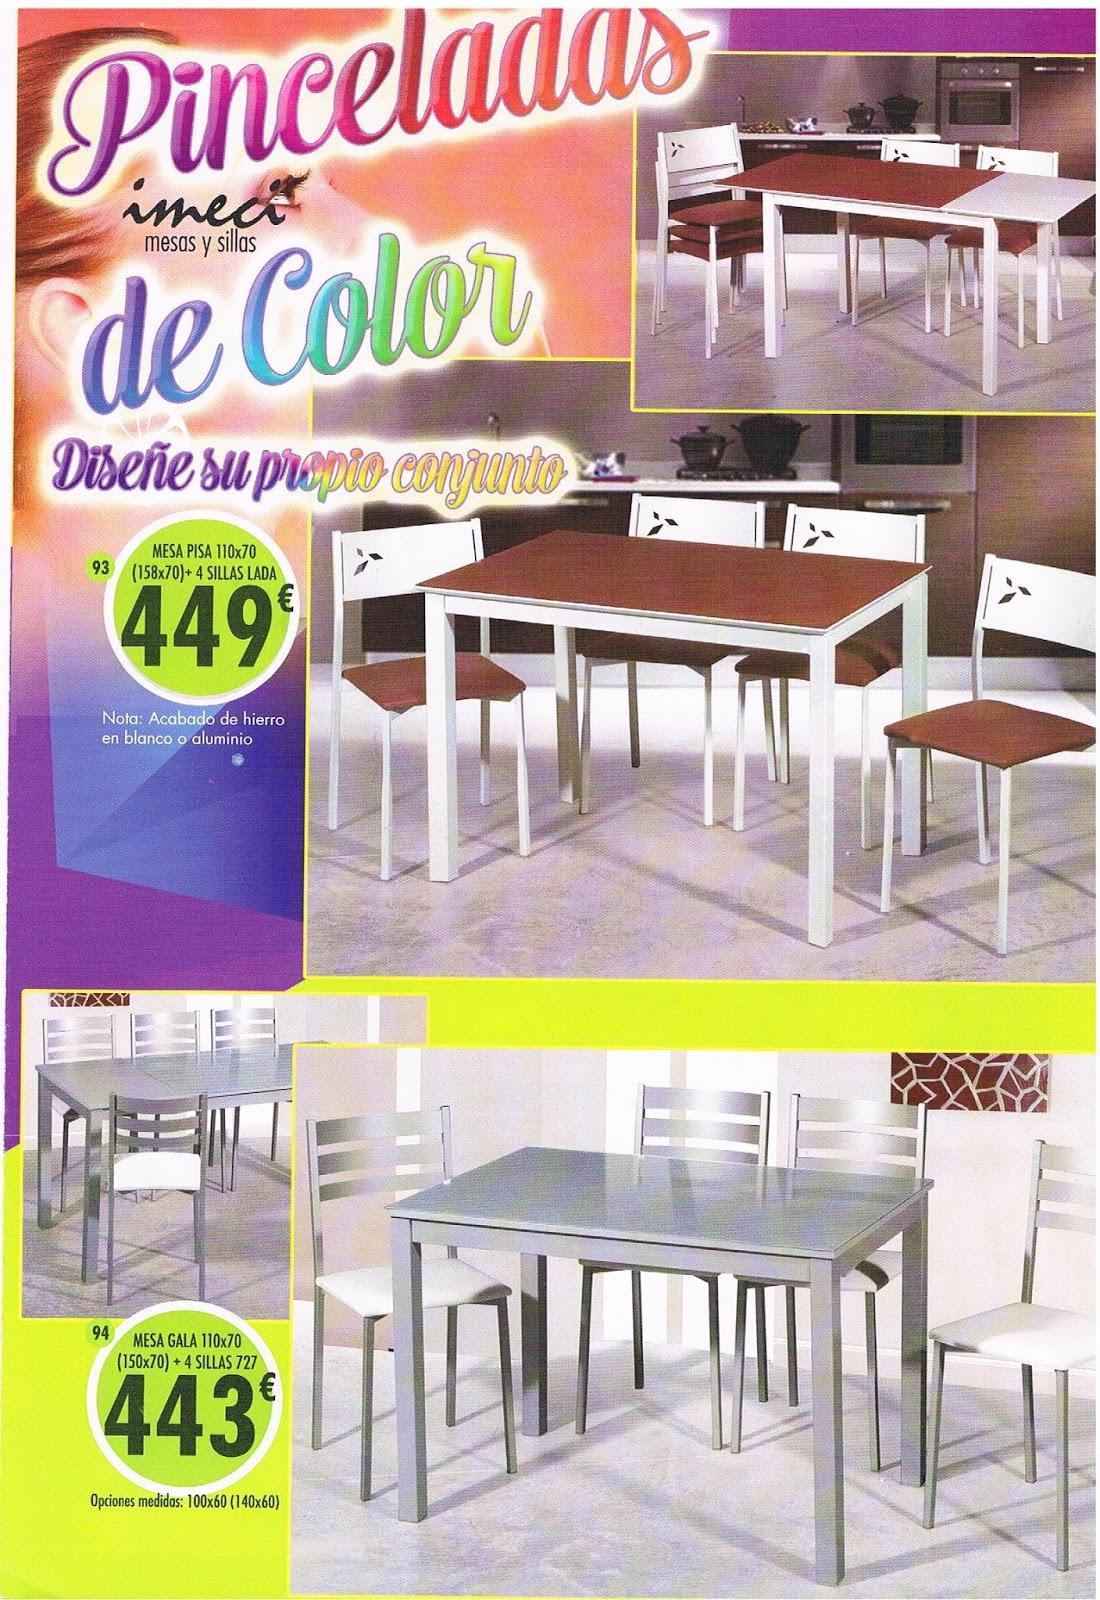 Muebles Antonio Lobato Ofertas # Muebles Gala Ofertas